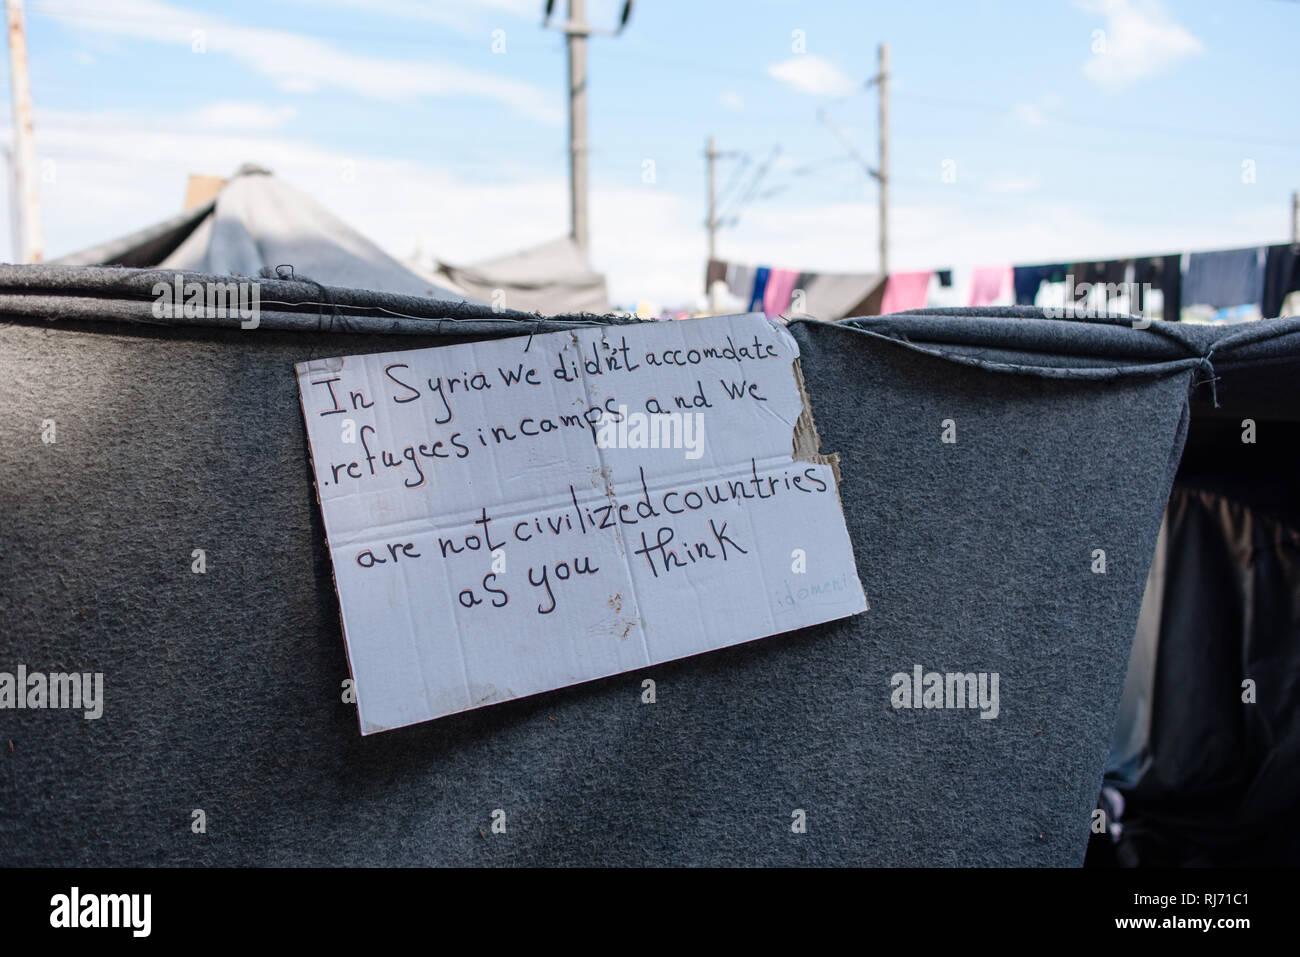 Ein Botschaft an die Welt aus dem Flüchtlingscamp von Idomeni in Griechenland an der Grenze nach Mazedonien, April 2016. - Stock Image